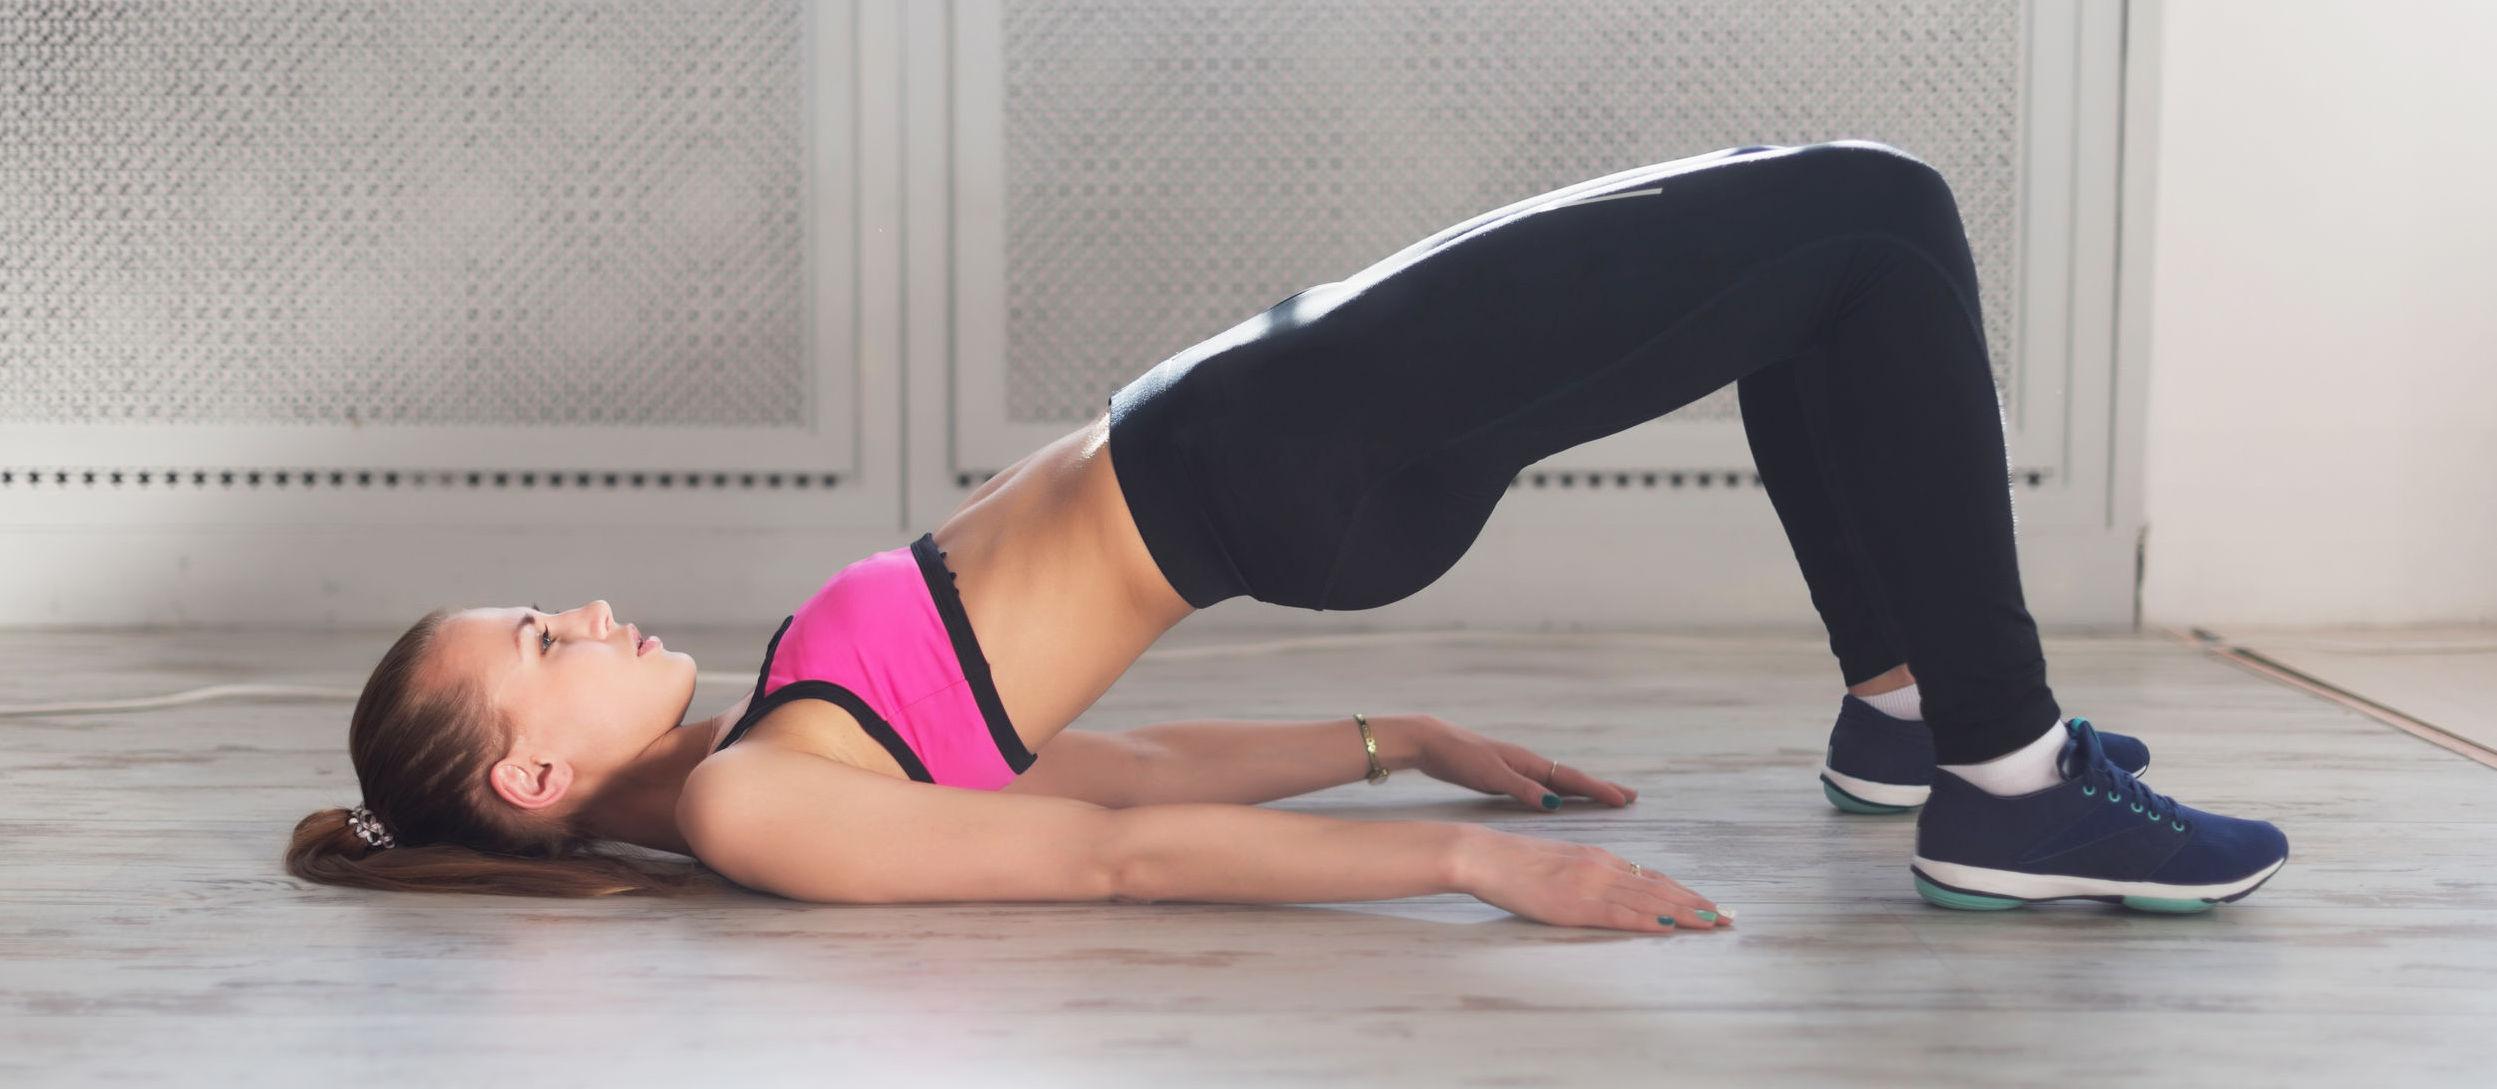 美姿勢と健康の専門サロン i.c.s αスライド画像04